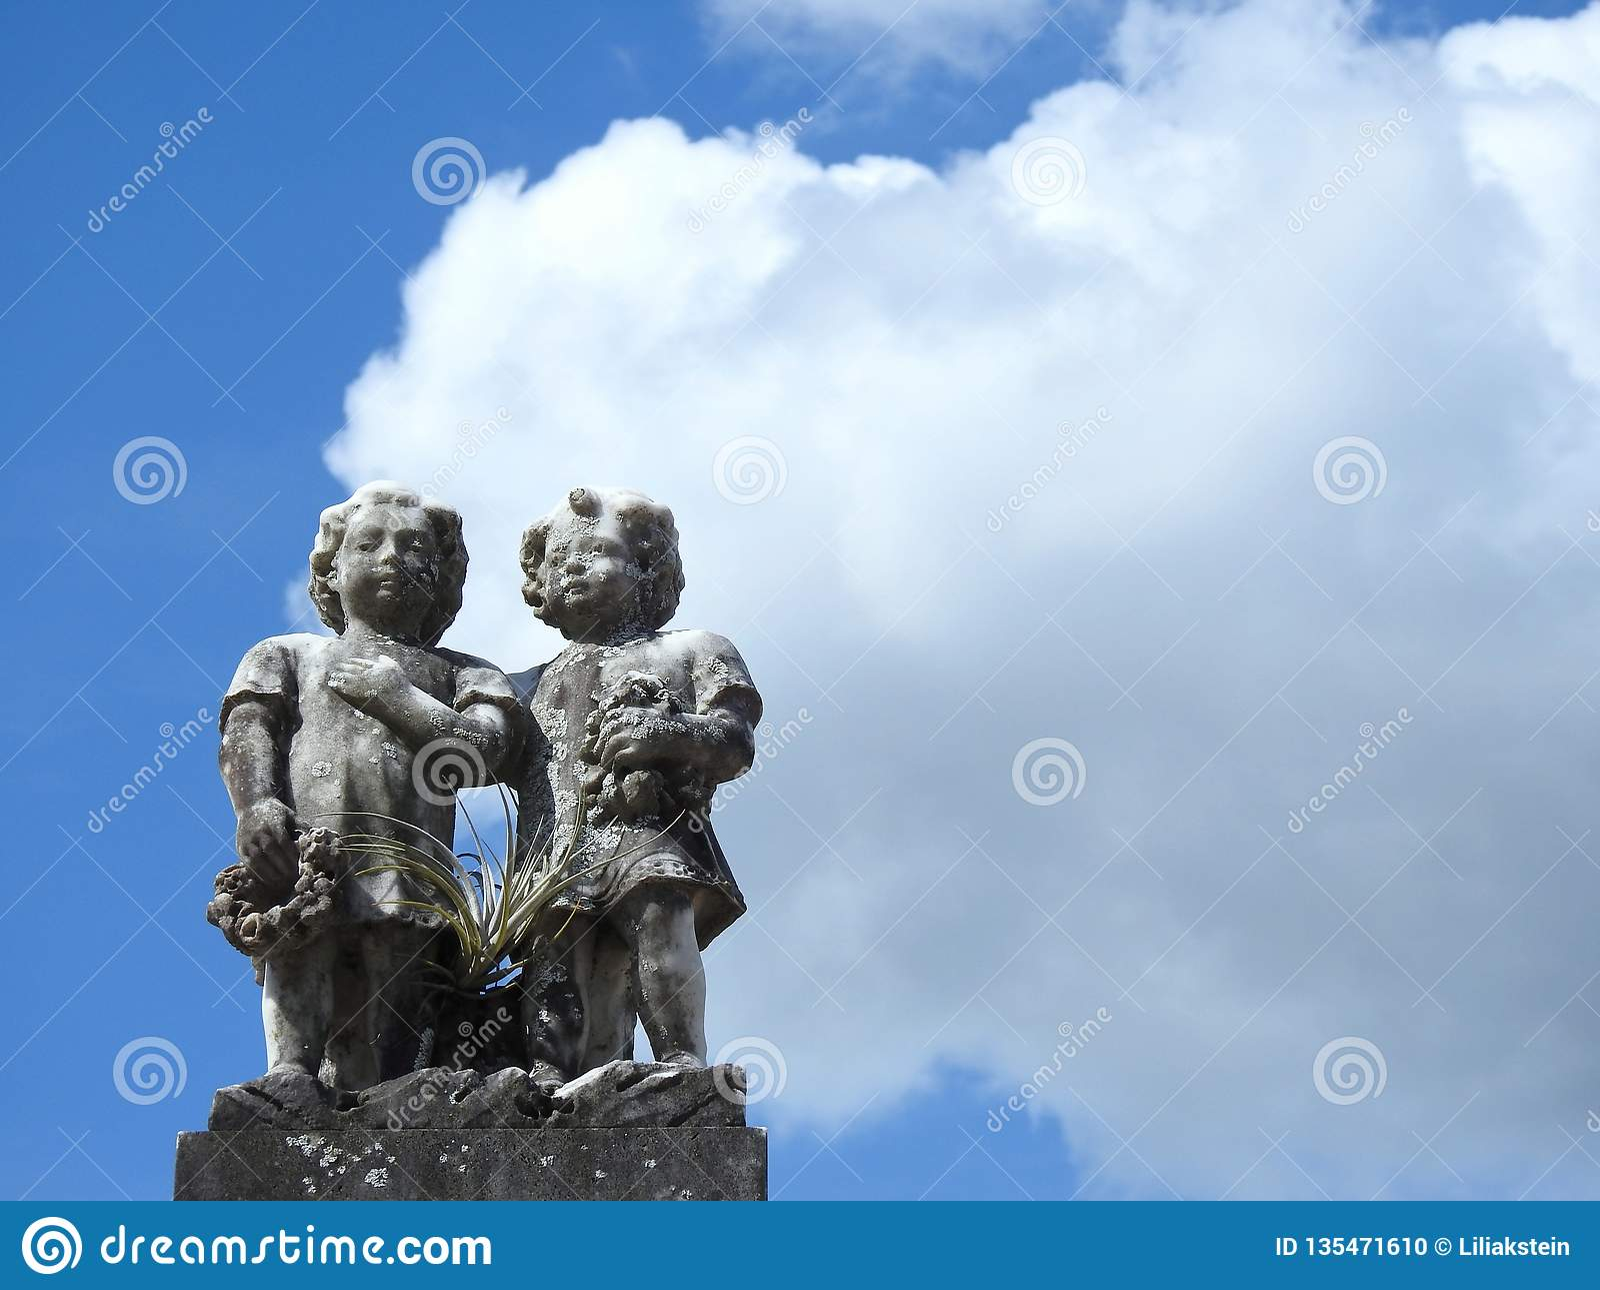 Plats i en kyrkogård: gammal stenstaty av två barn mot en himmel med stora moln på en solig dag